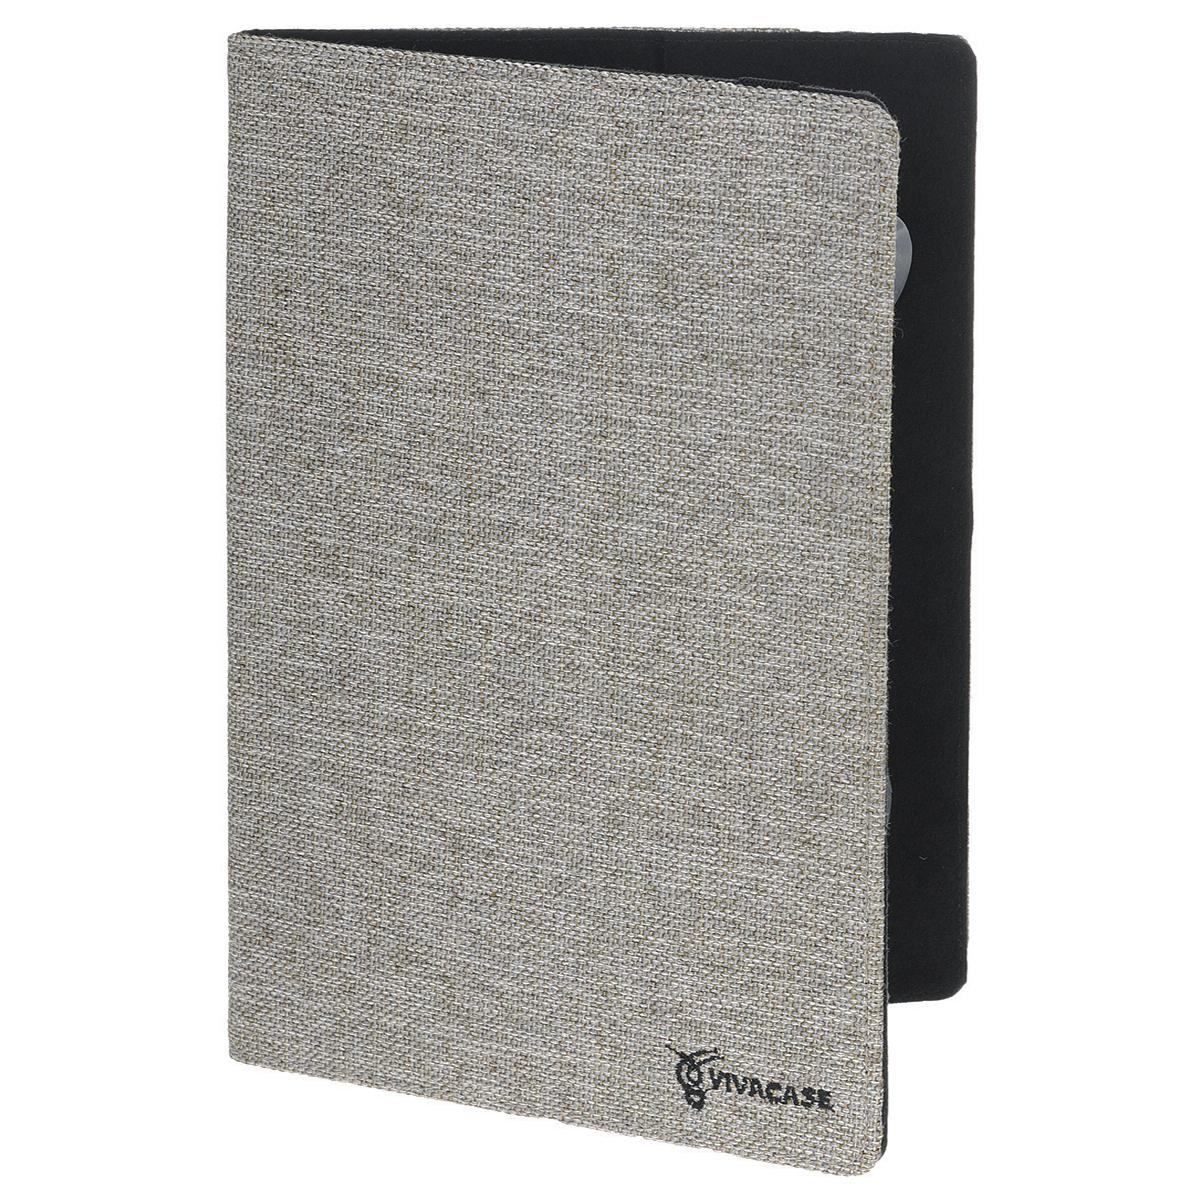 Vivacase Jacquard универсальный чехол-обложка для планшетов 10, Gray (VUC-CJ010-gr) чехлы для планшетов 10 дюймов украина